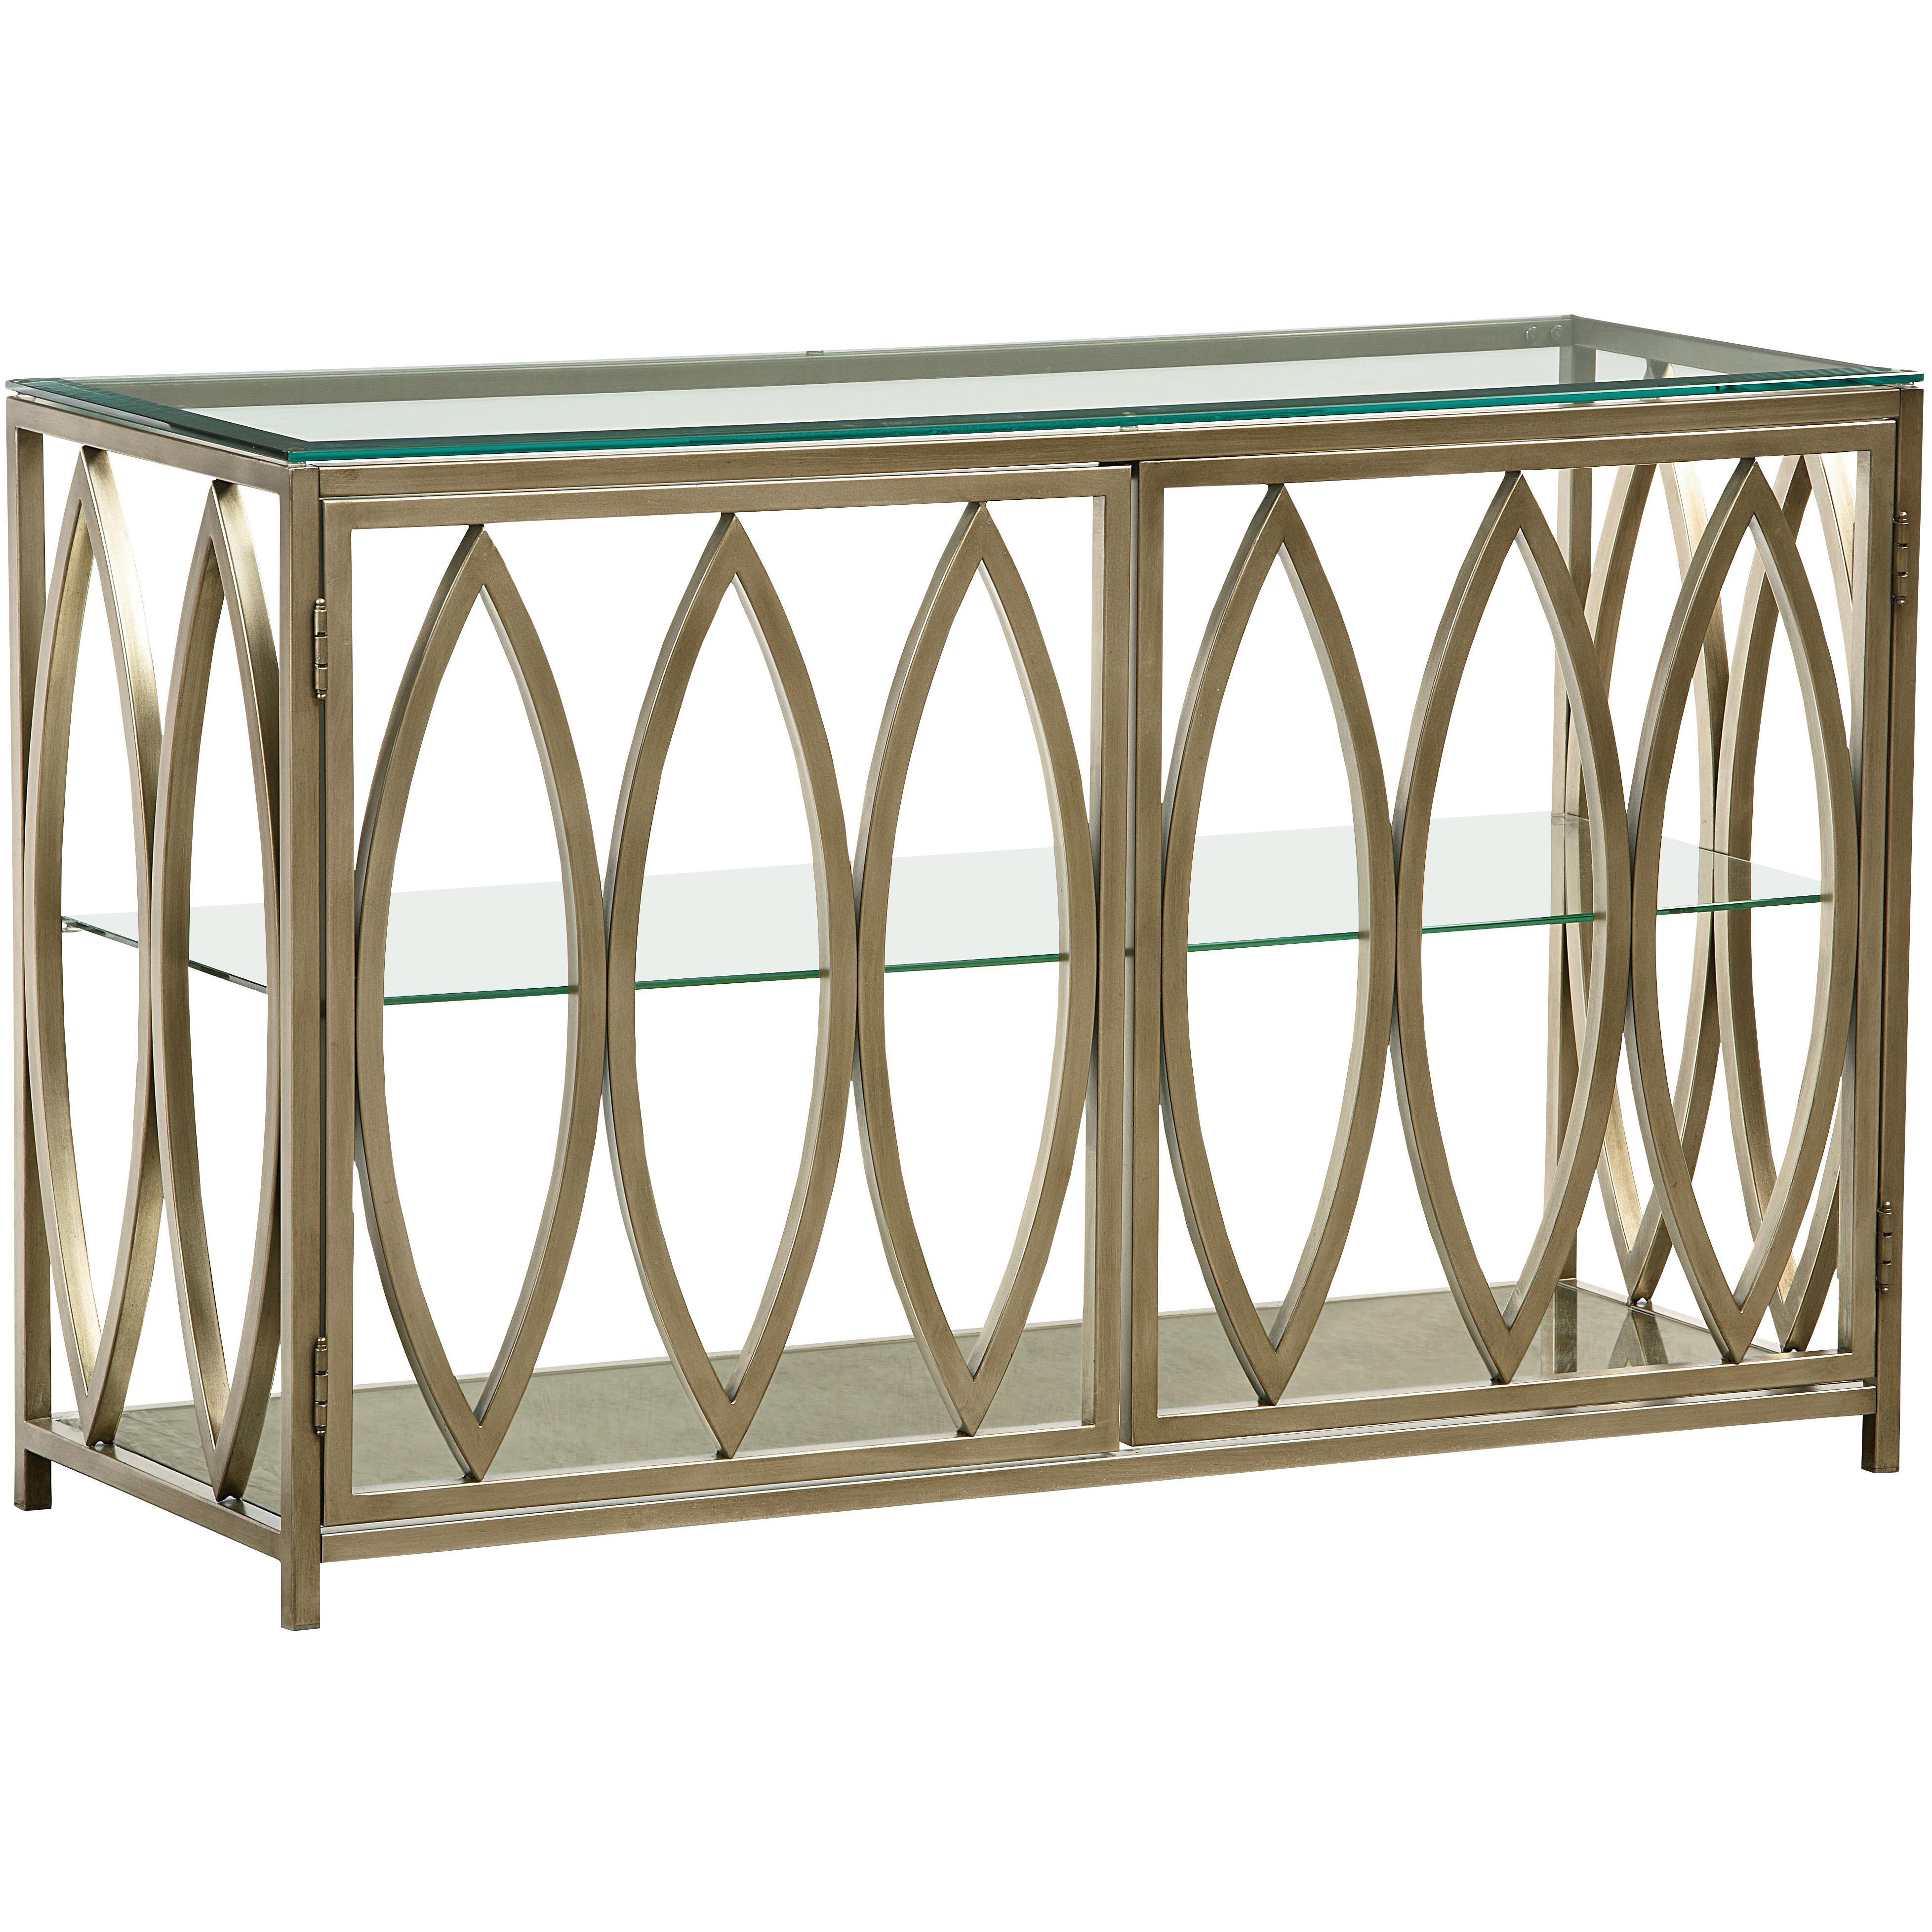 Standard Furniture Santa Barbara  Sofa Table - Item Number: 27916